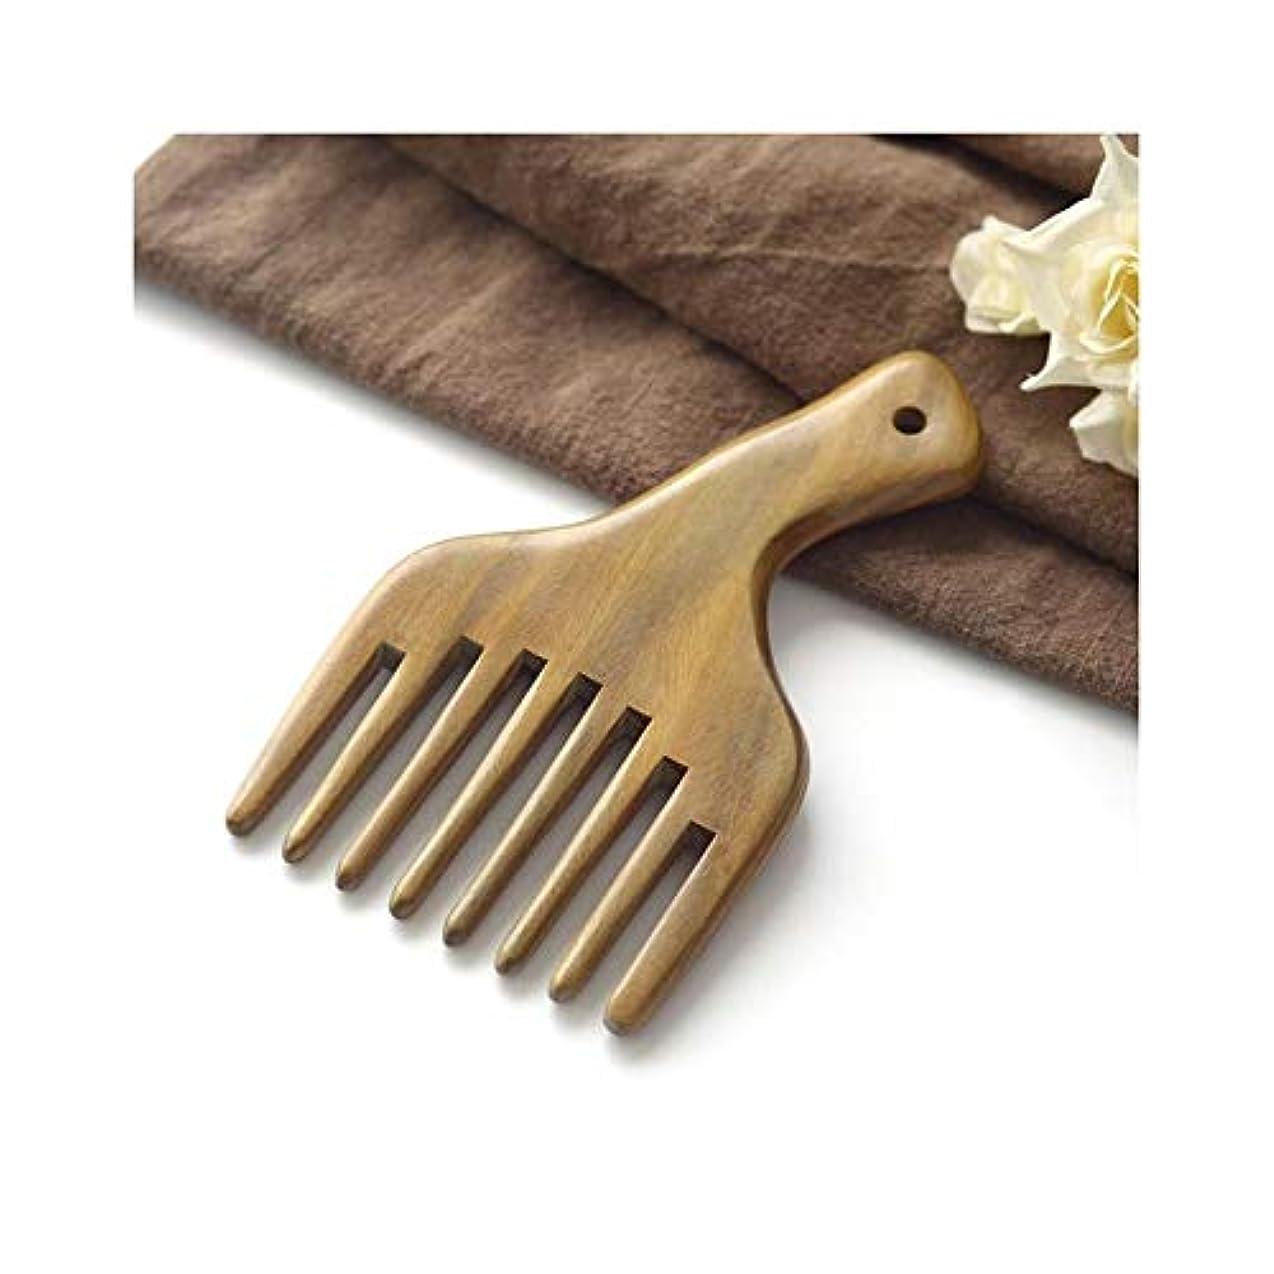 最少取り消すブランド名WASAIO 木製くしナチュラルグリーンサンダルウッドマッサージDetangleコームズメンズ?レディース?ヘアーブラシセットパドル手作りワイド歯